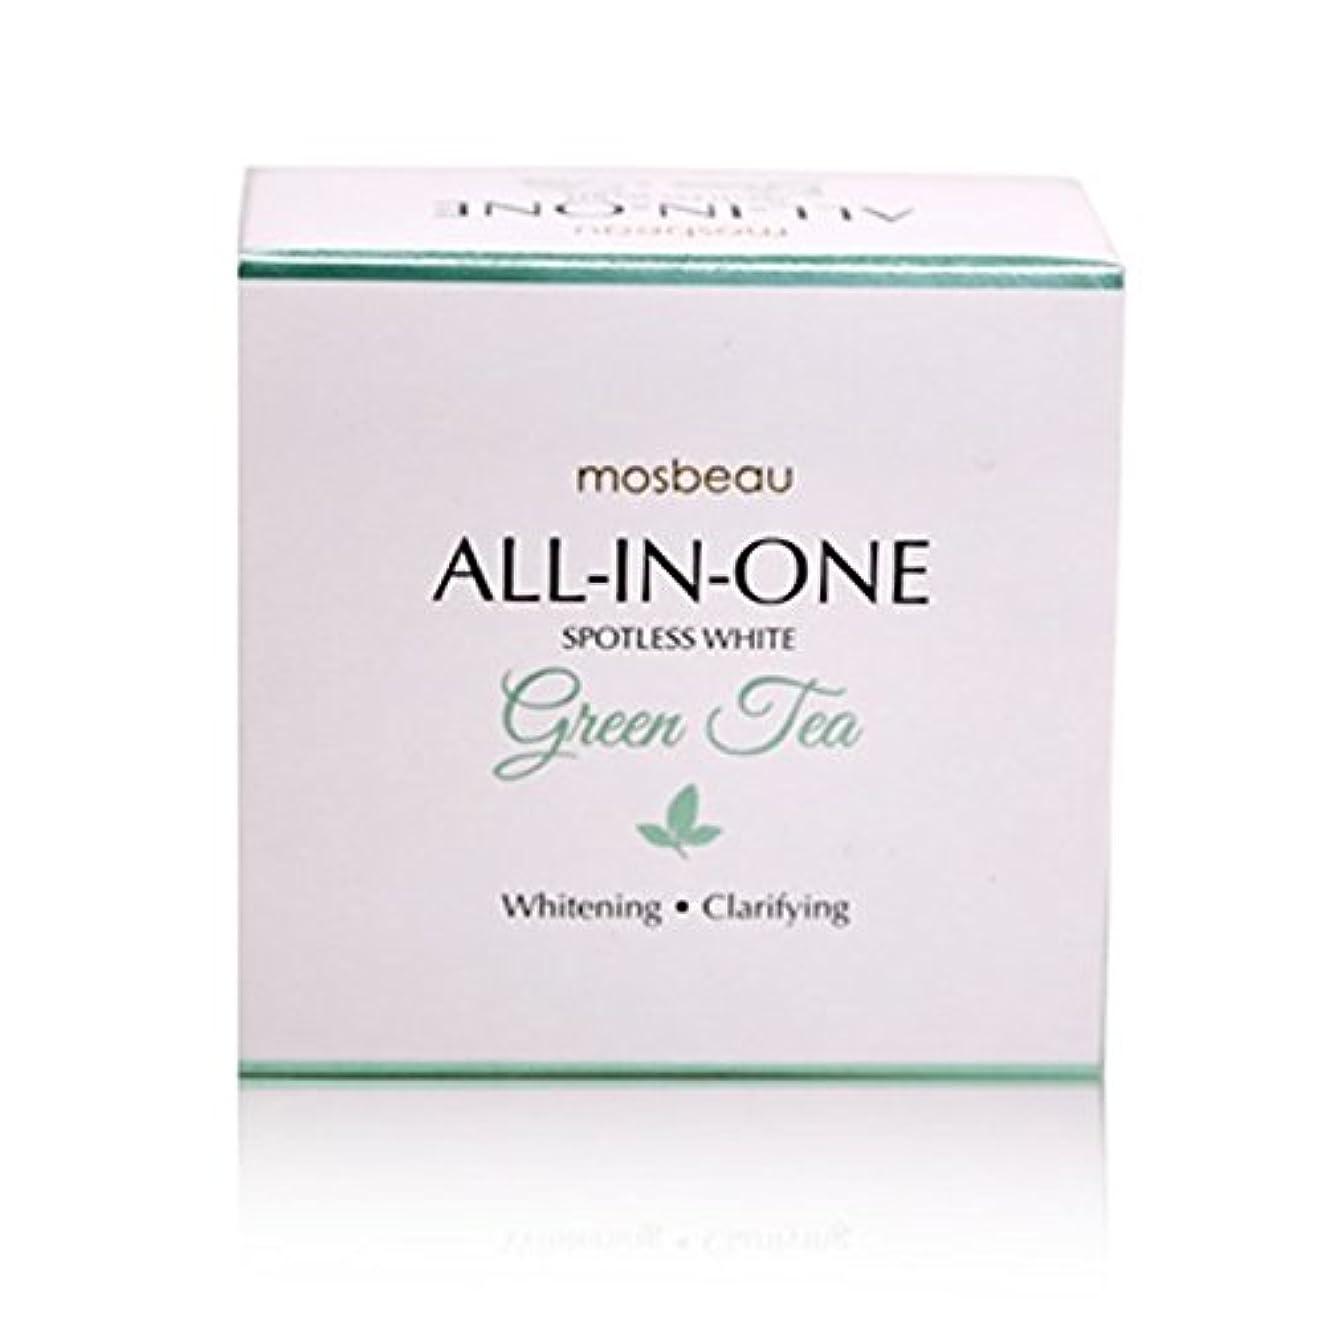 破壊本小麦粉mosbeau Spotless White GREEN TEA Facial Soap 100g モスビュー スポットレス ホワイト グリーンティー フェイシャル ソープ